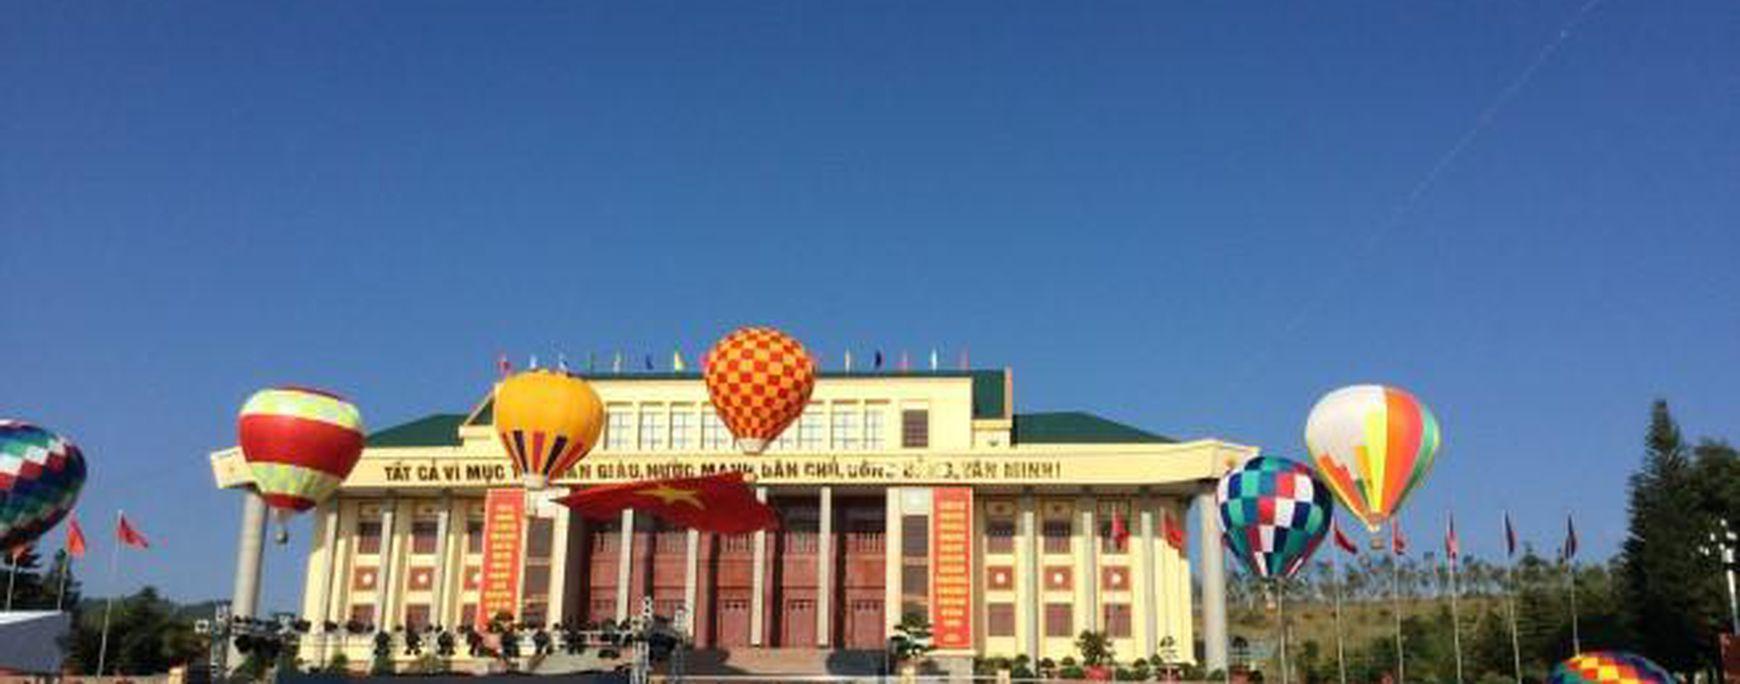 Lai Châu lần đầu tiên tổ chức hoạt động khinh khí cầu phục vụ du lịch